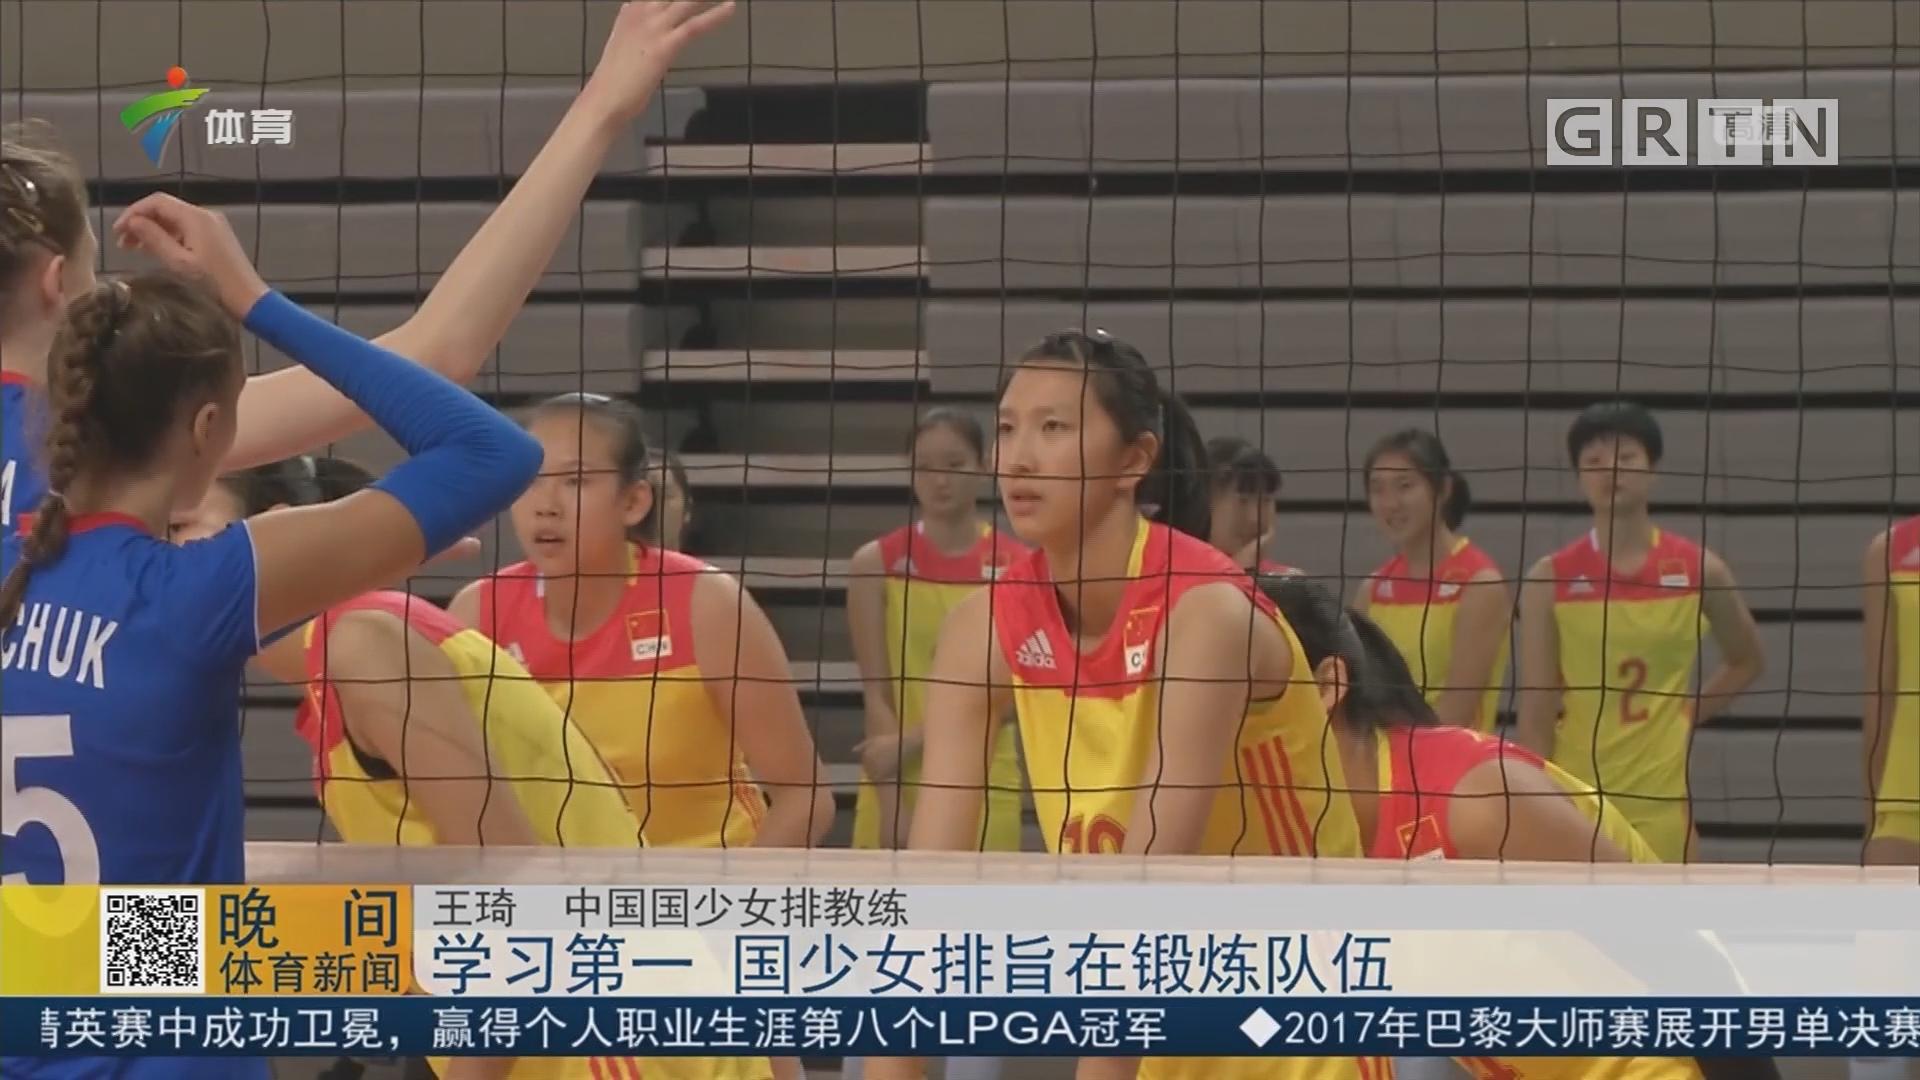 学习第一 国少女排旨在锻炼队伍